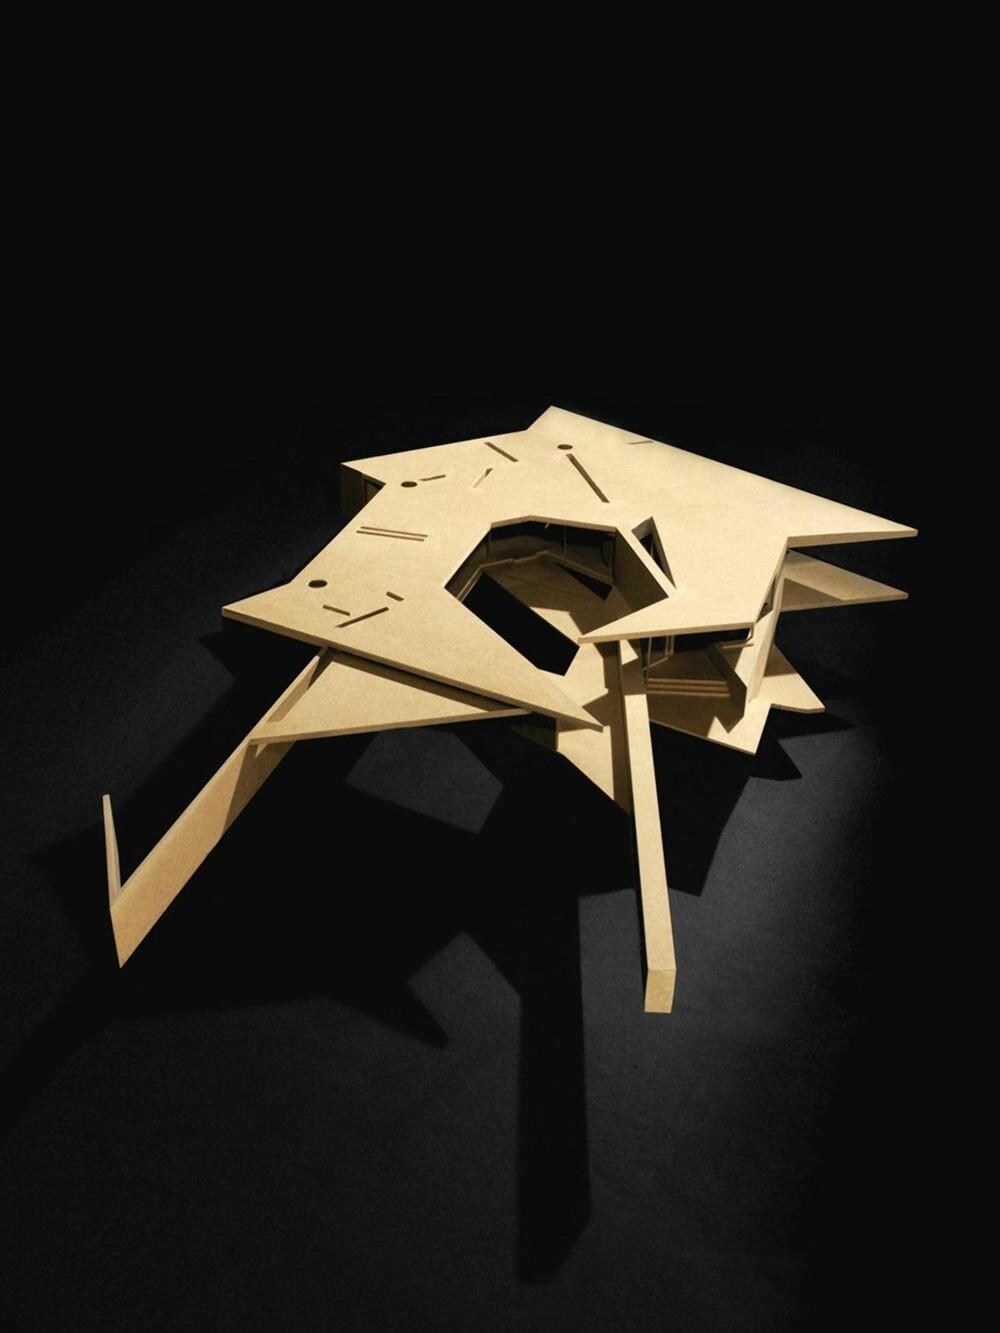 ASYMMETRI: Modellen av huset viser en bygningskropp som har alt annet enn den tradisjonelle, rektangulære bygningsformen. Og det gir arkitekturen en ekstra dimensjon. (FOTO: James Dow/Patkau architects)